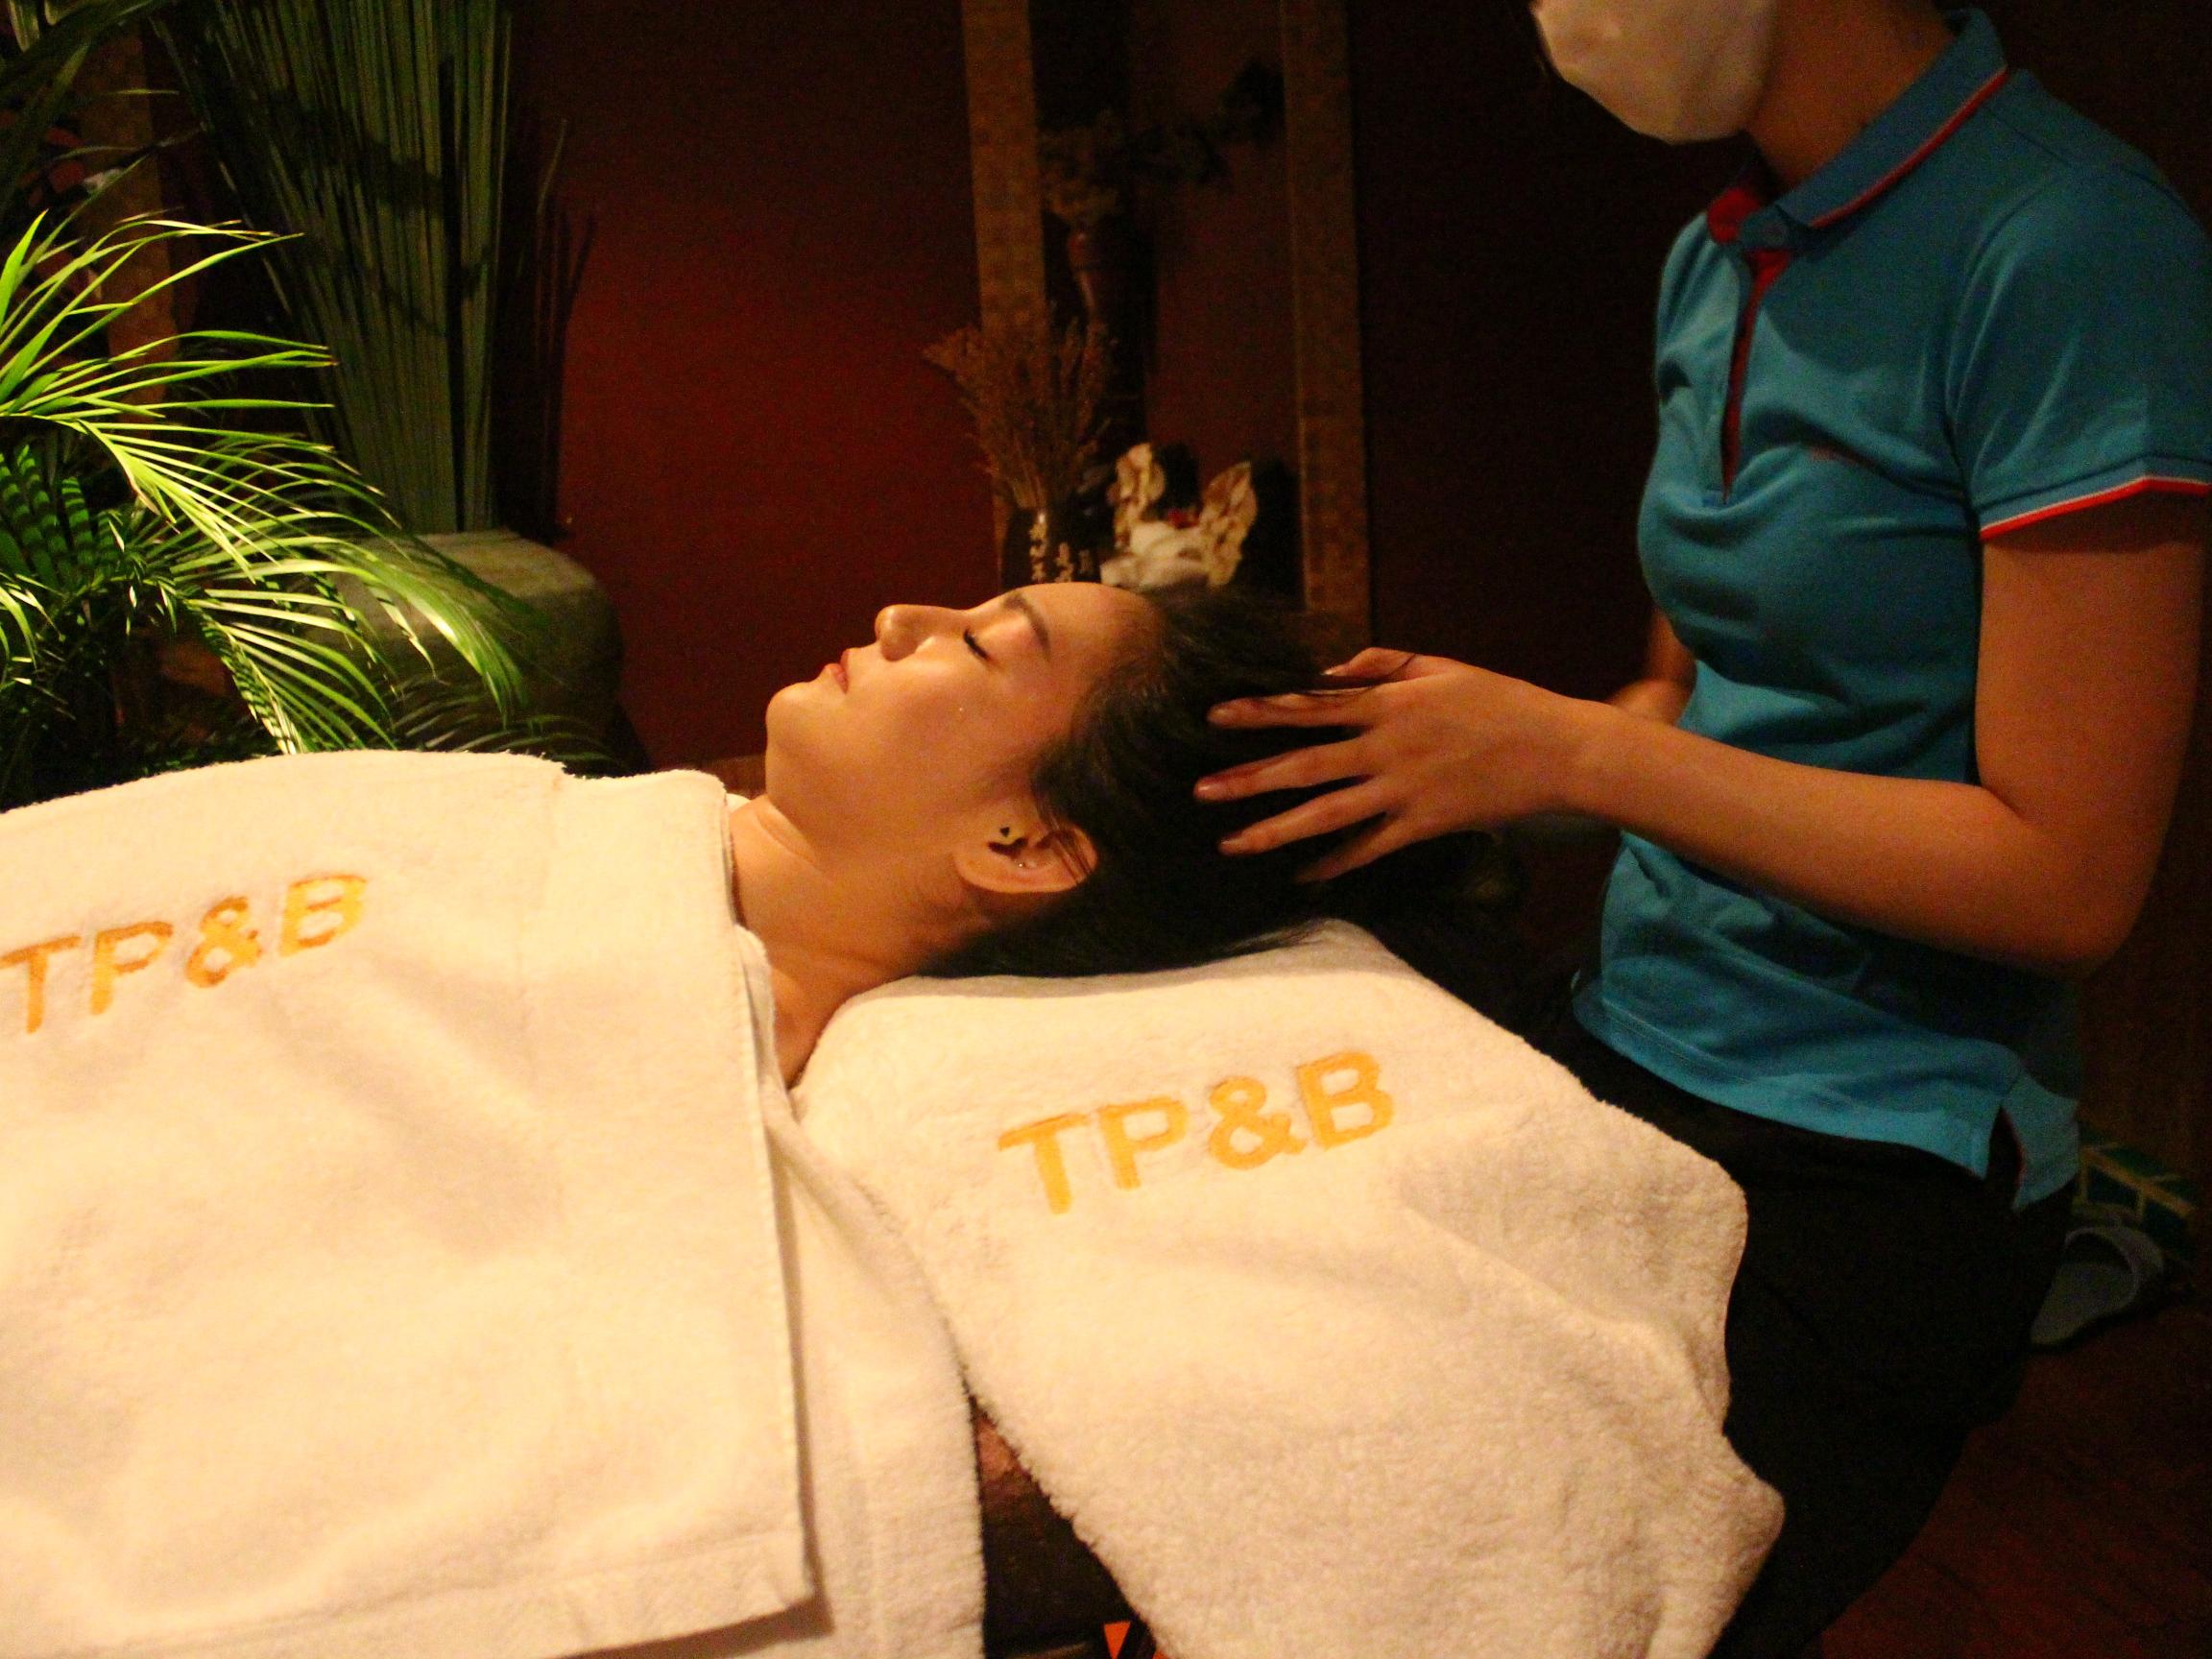 【高雄芳療SPA】Tp&b天然有機精油芳療SPA~一秒飛到峇里島,享受量身打造的客製化頂級SPA! -